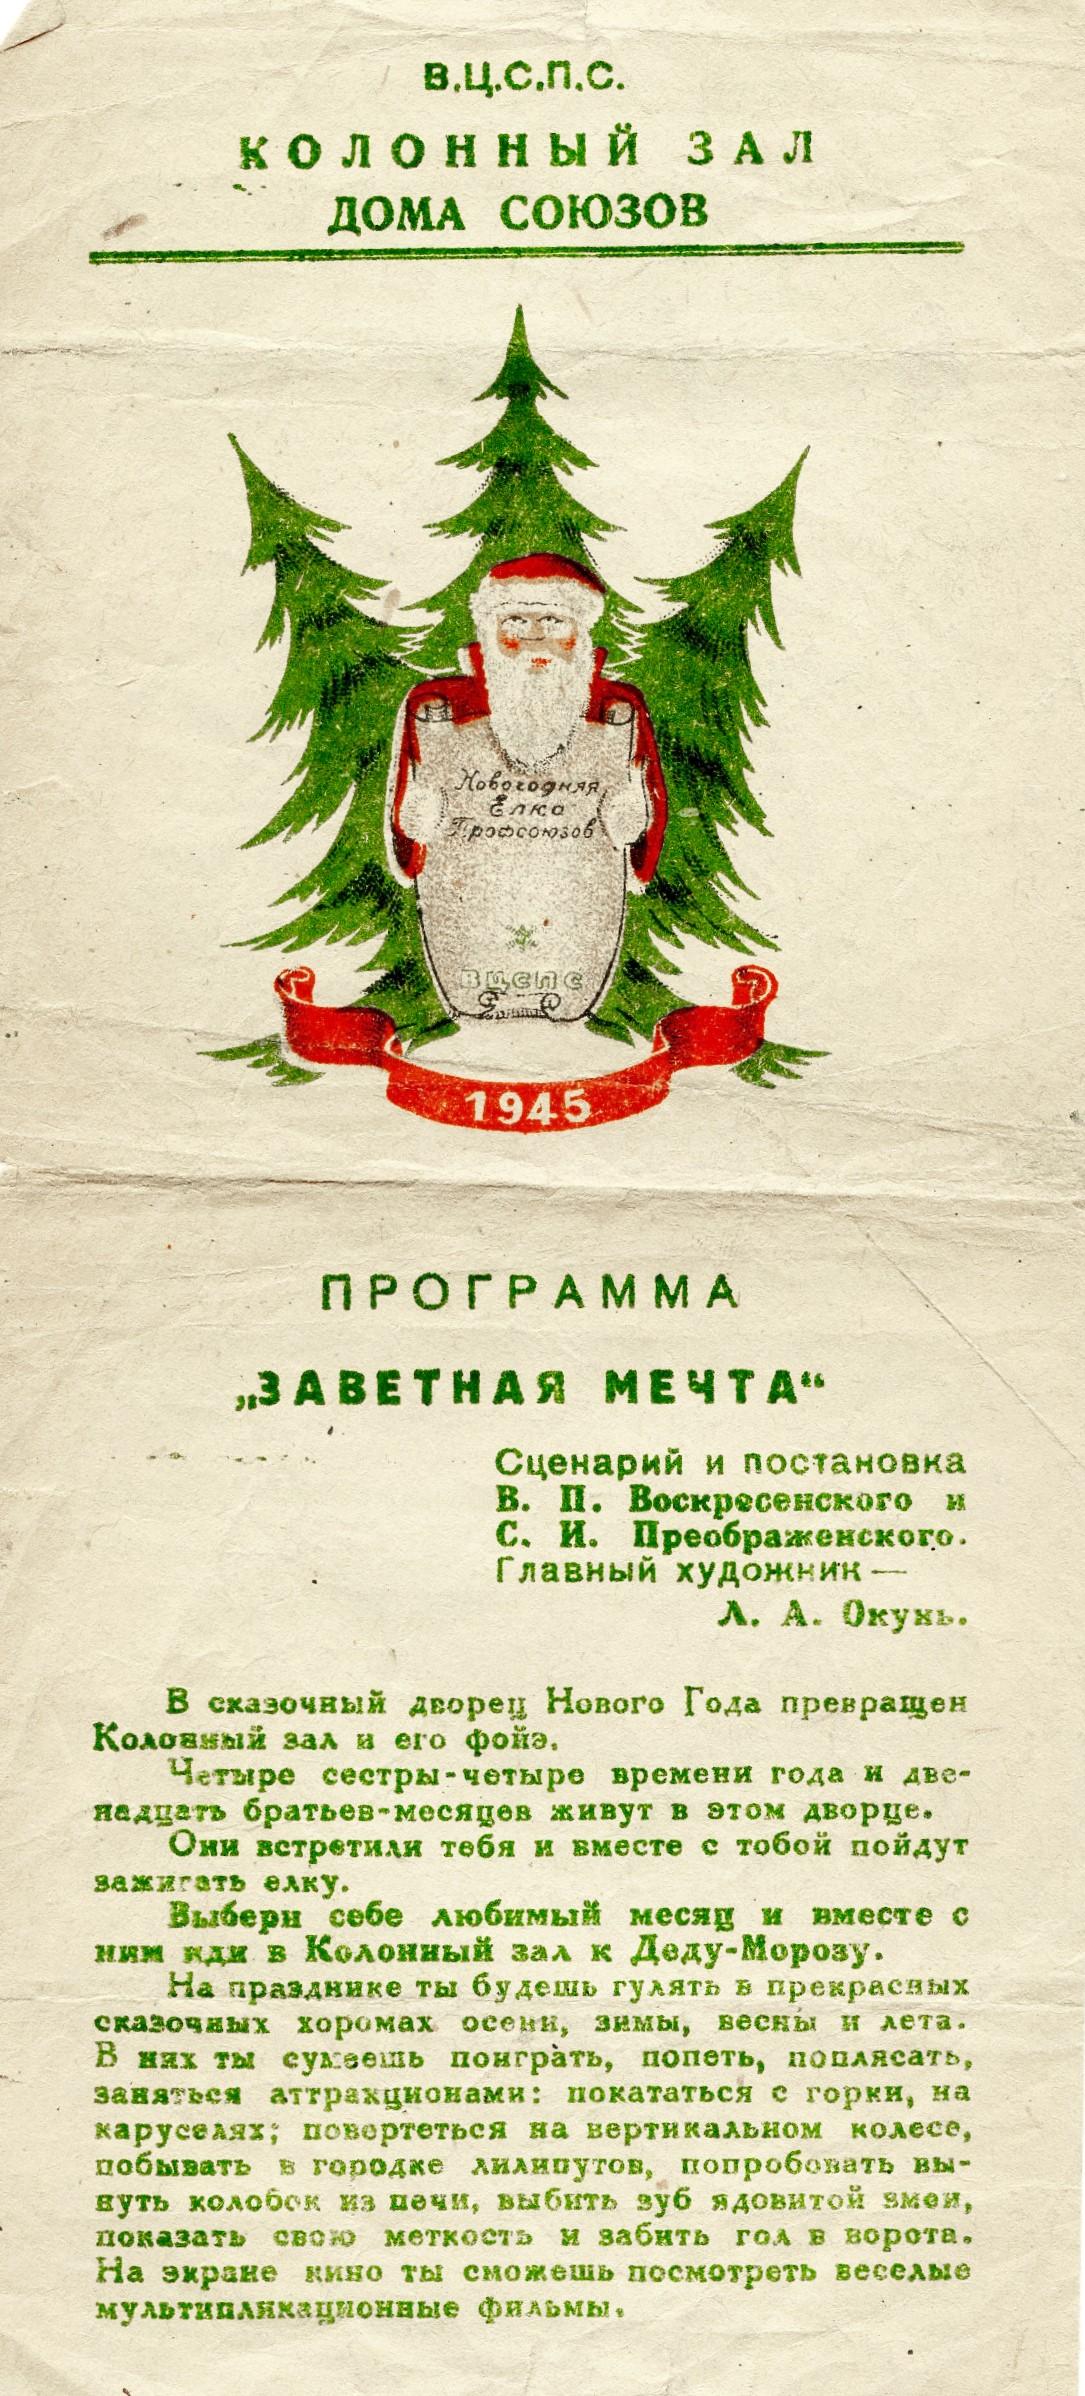 1945 ёлки006 кор.jpg